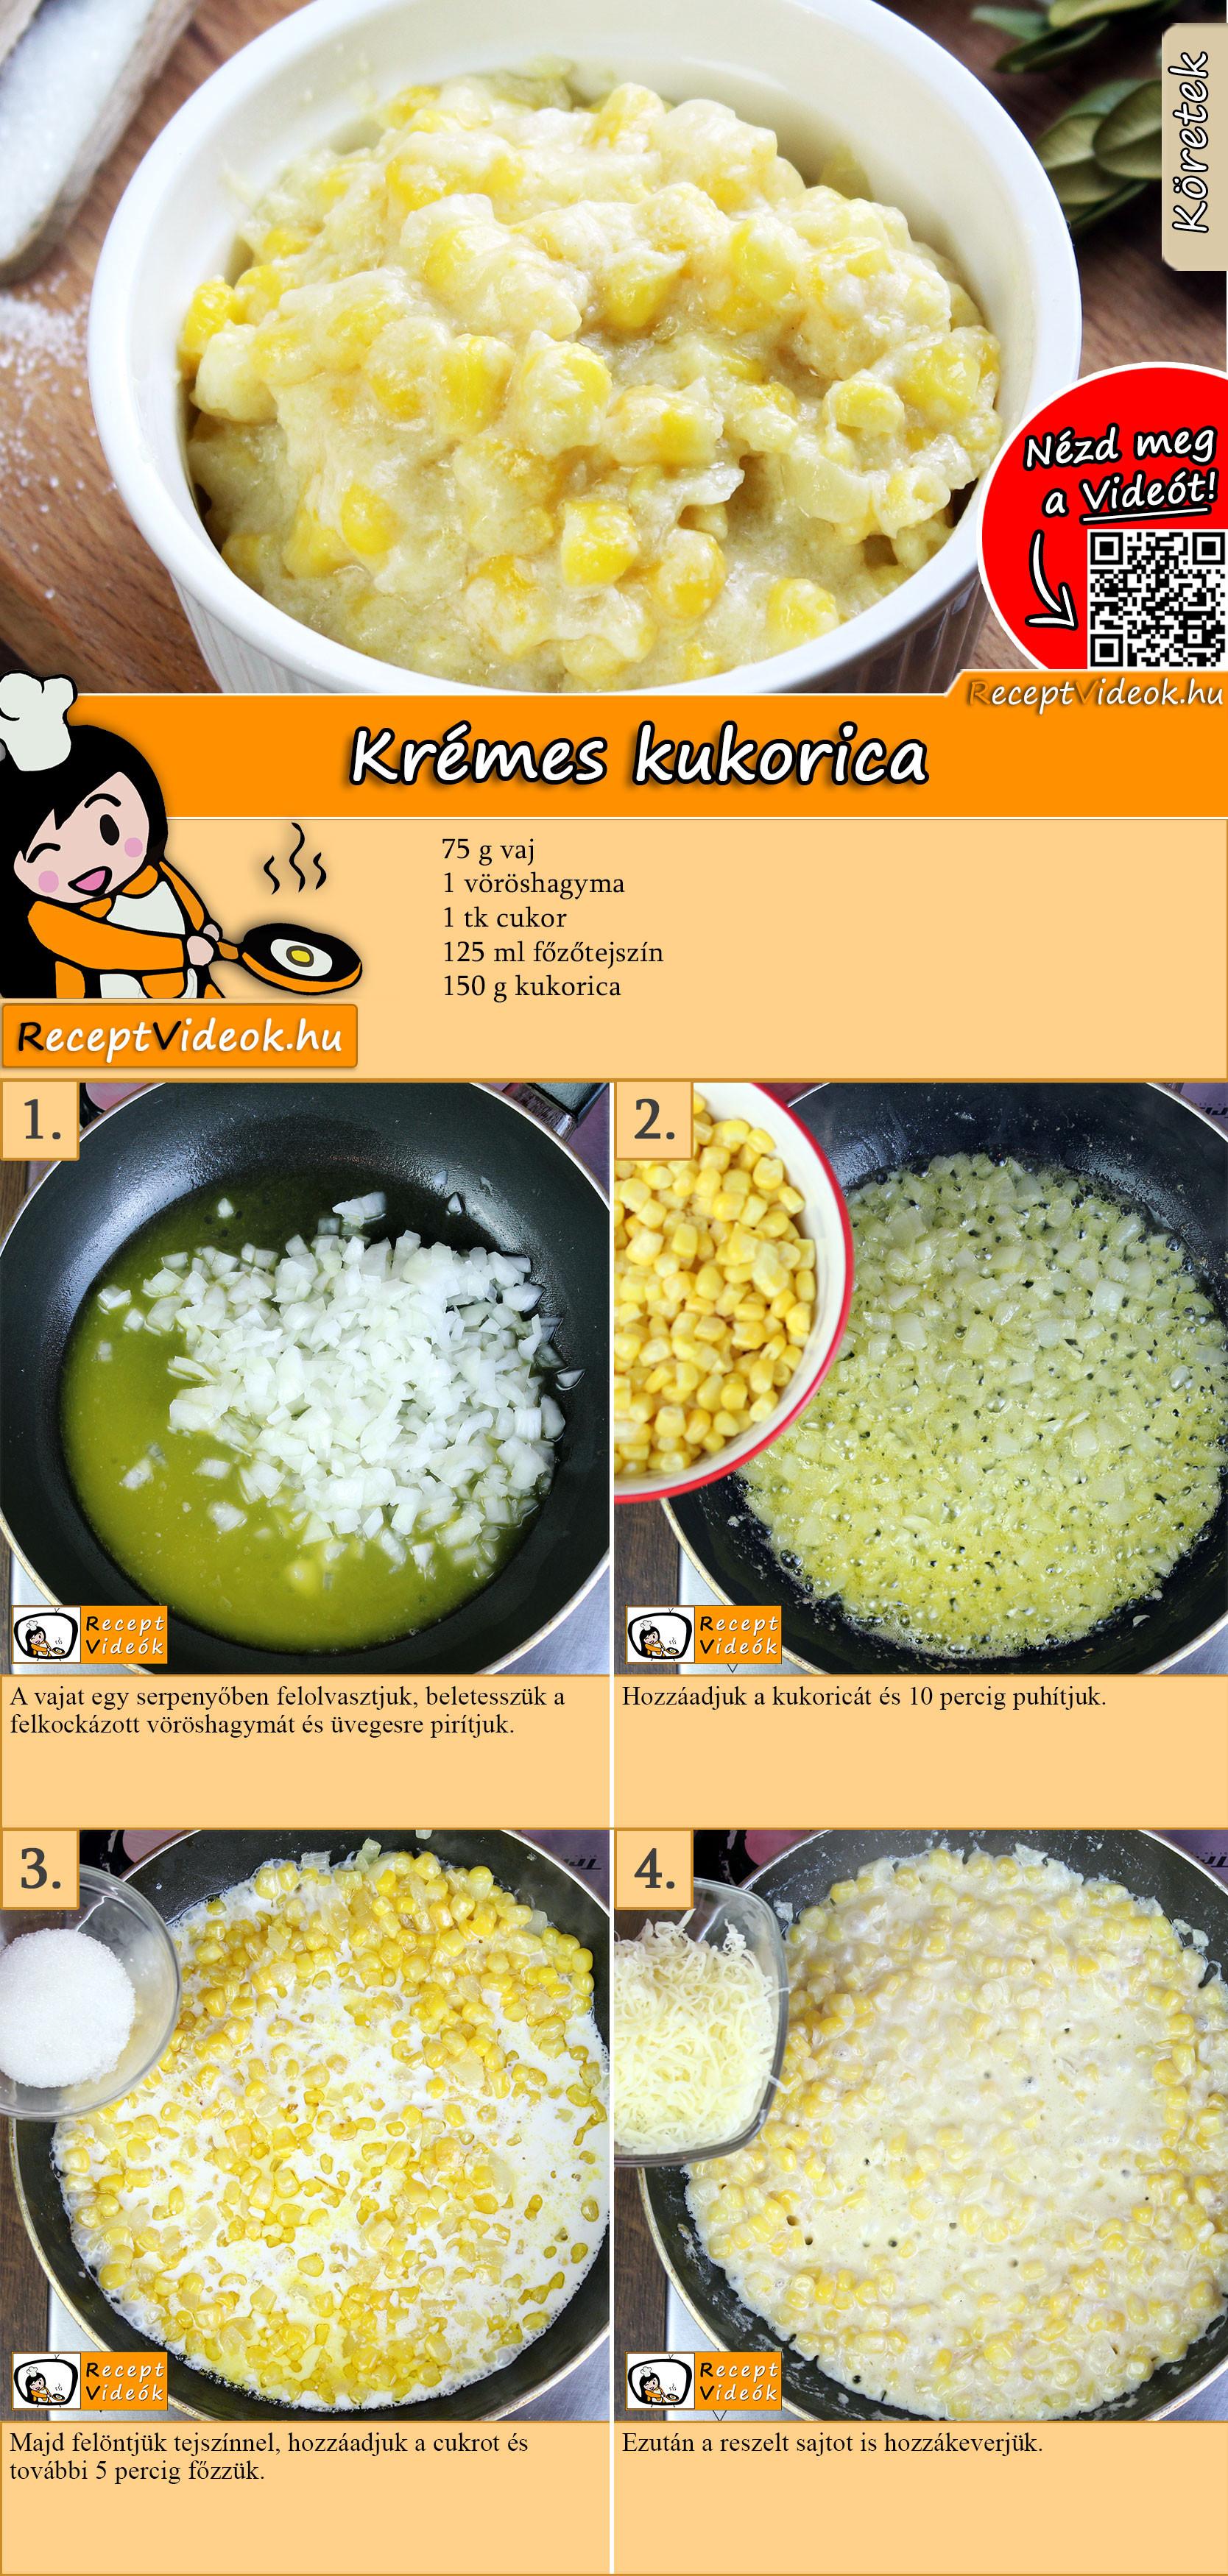 Krémes kukorica recept elkészítése videóval